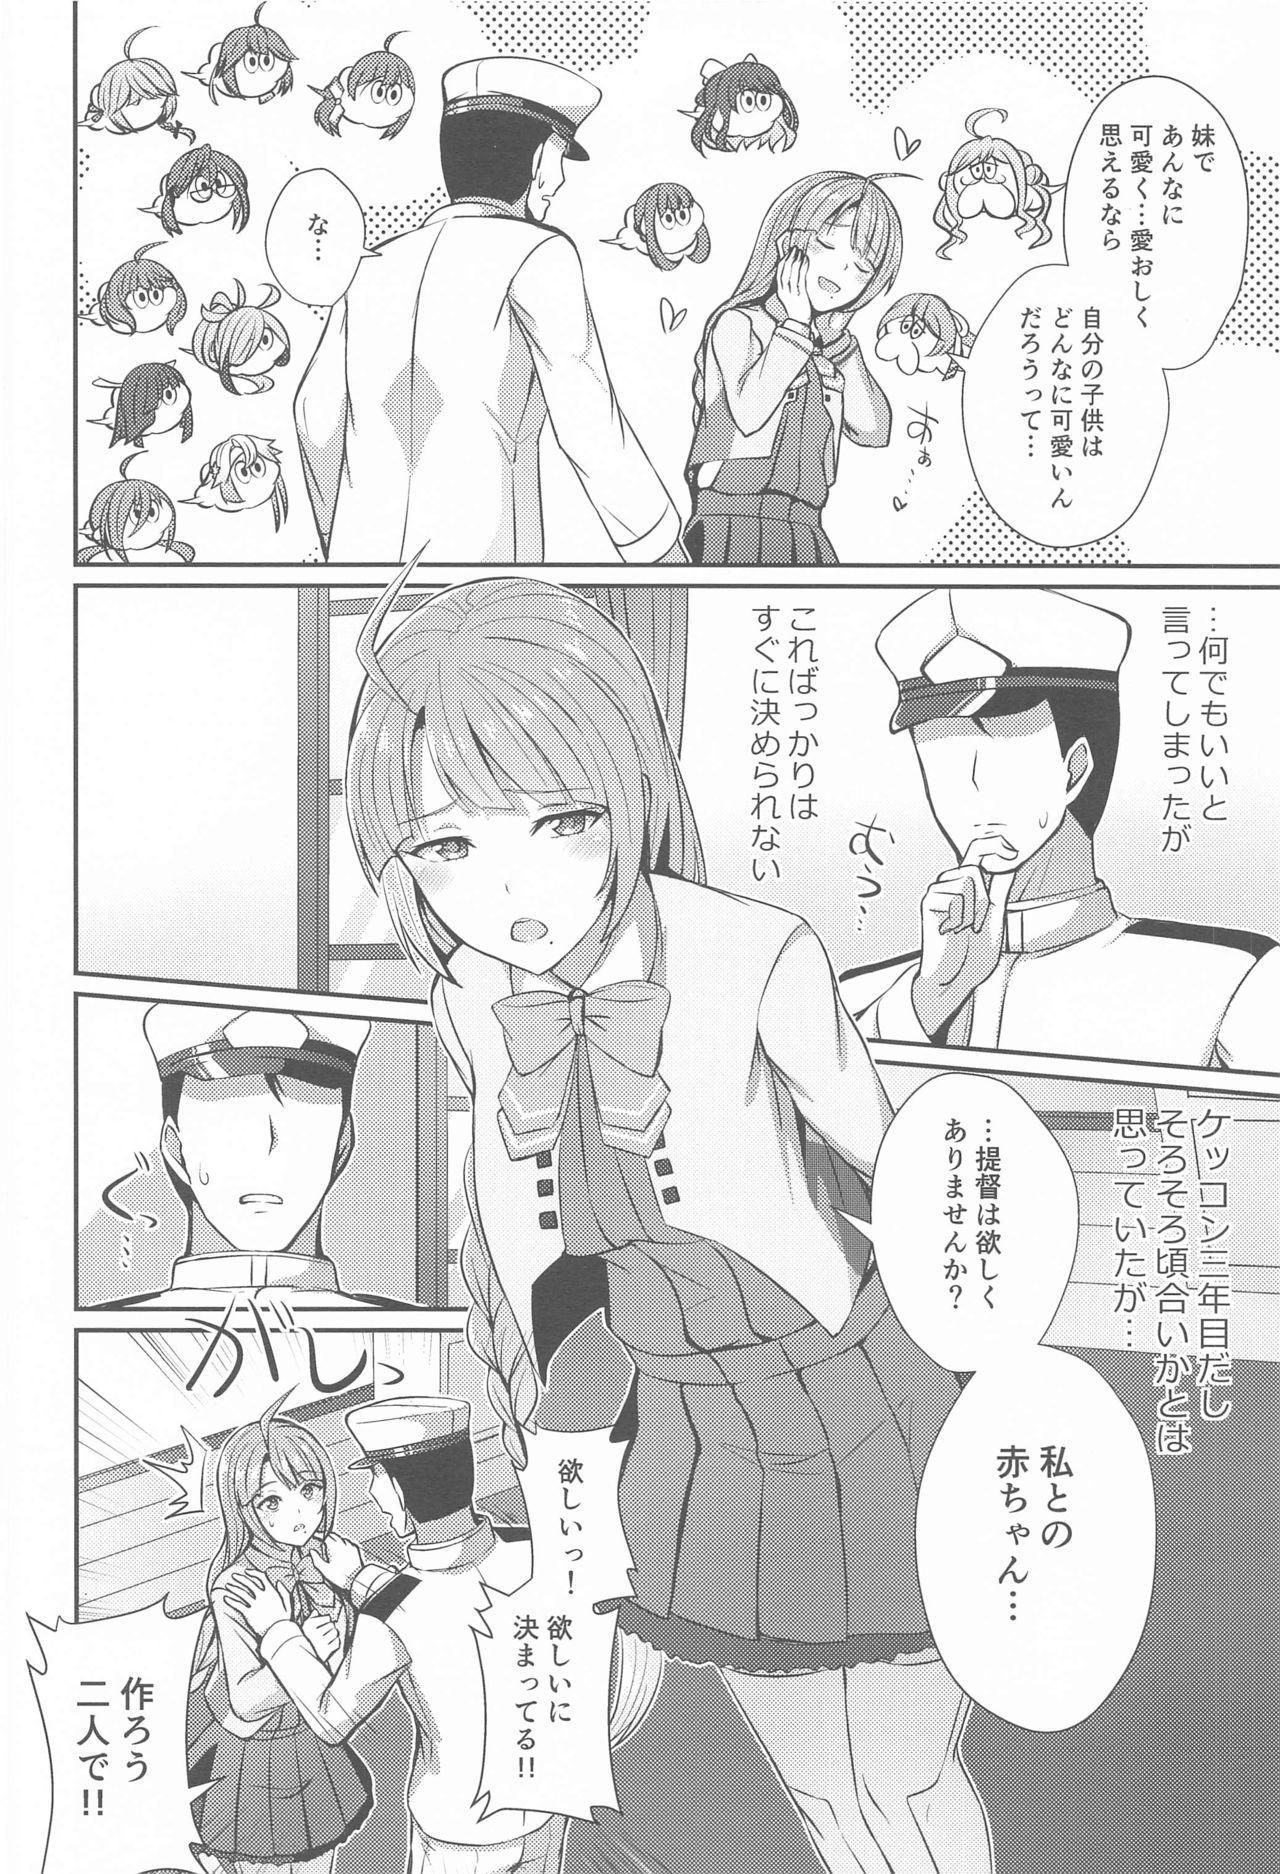 Yuugumo no Hoshii Mono 6